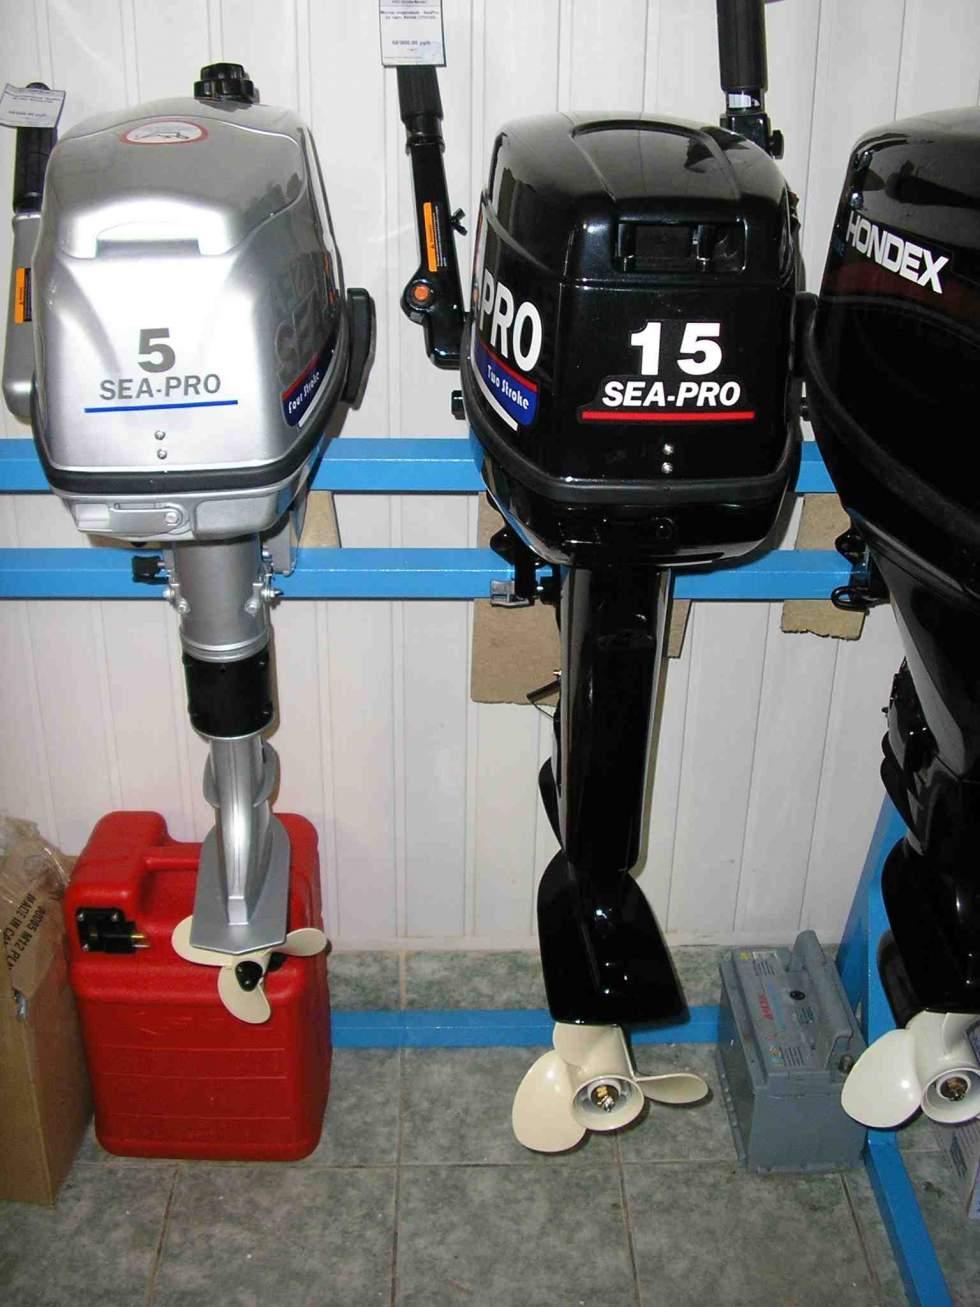 моторы для лодок sea pro 5